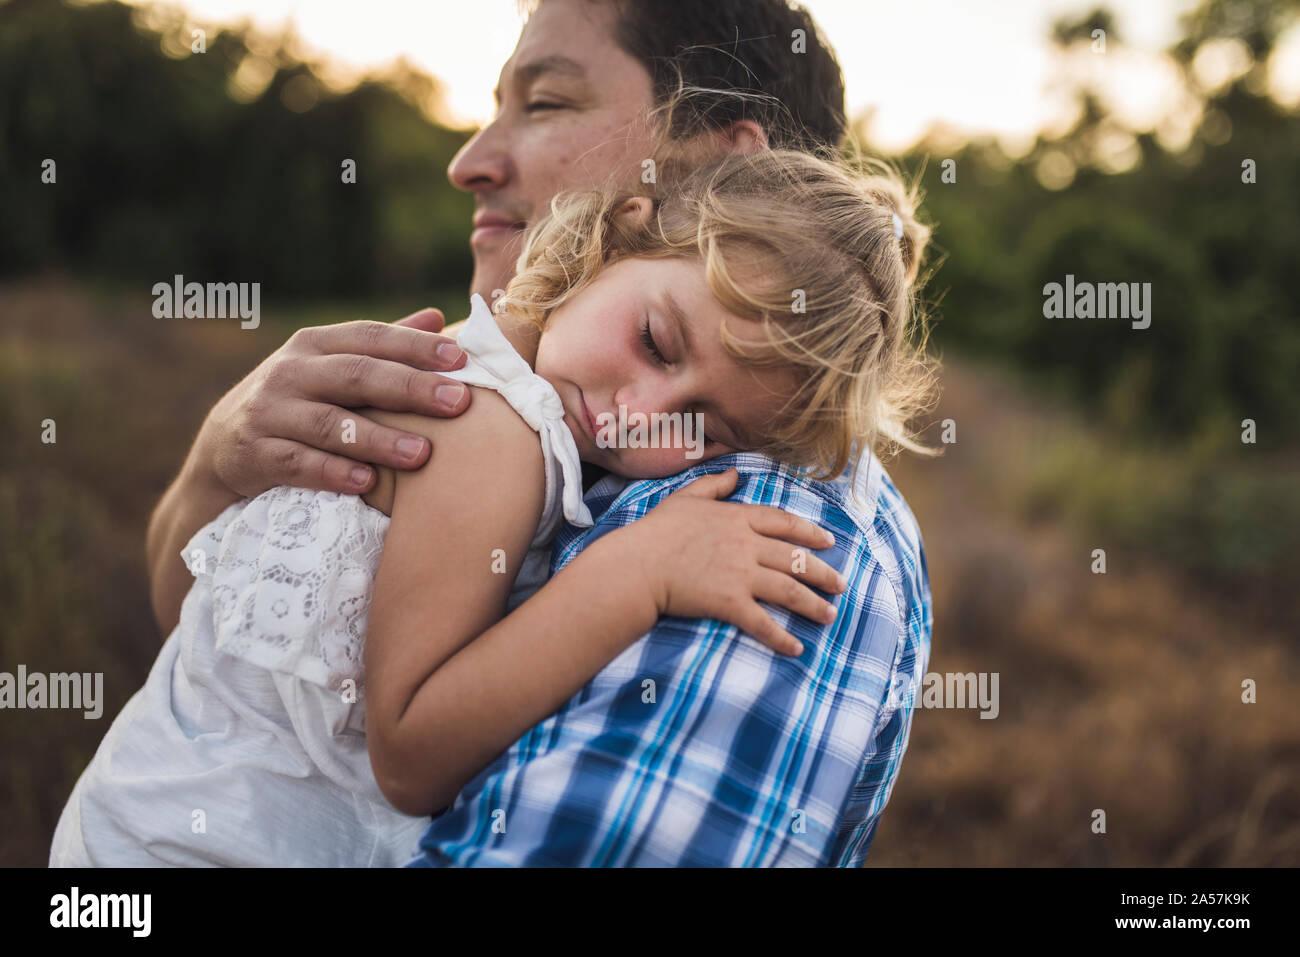 4 ans fille endormie sur l'épaule de son père - photo N/B Banque D'Images